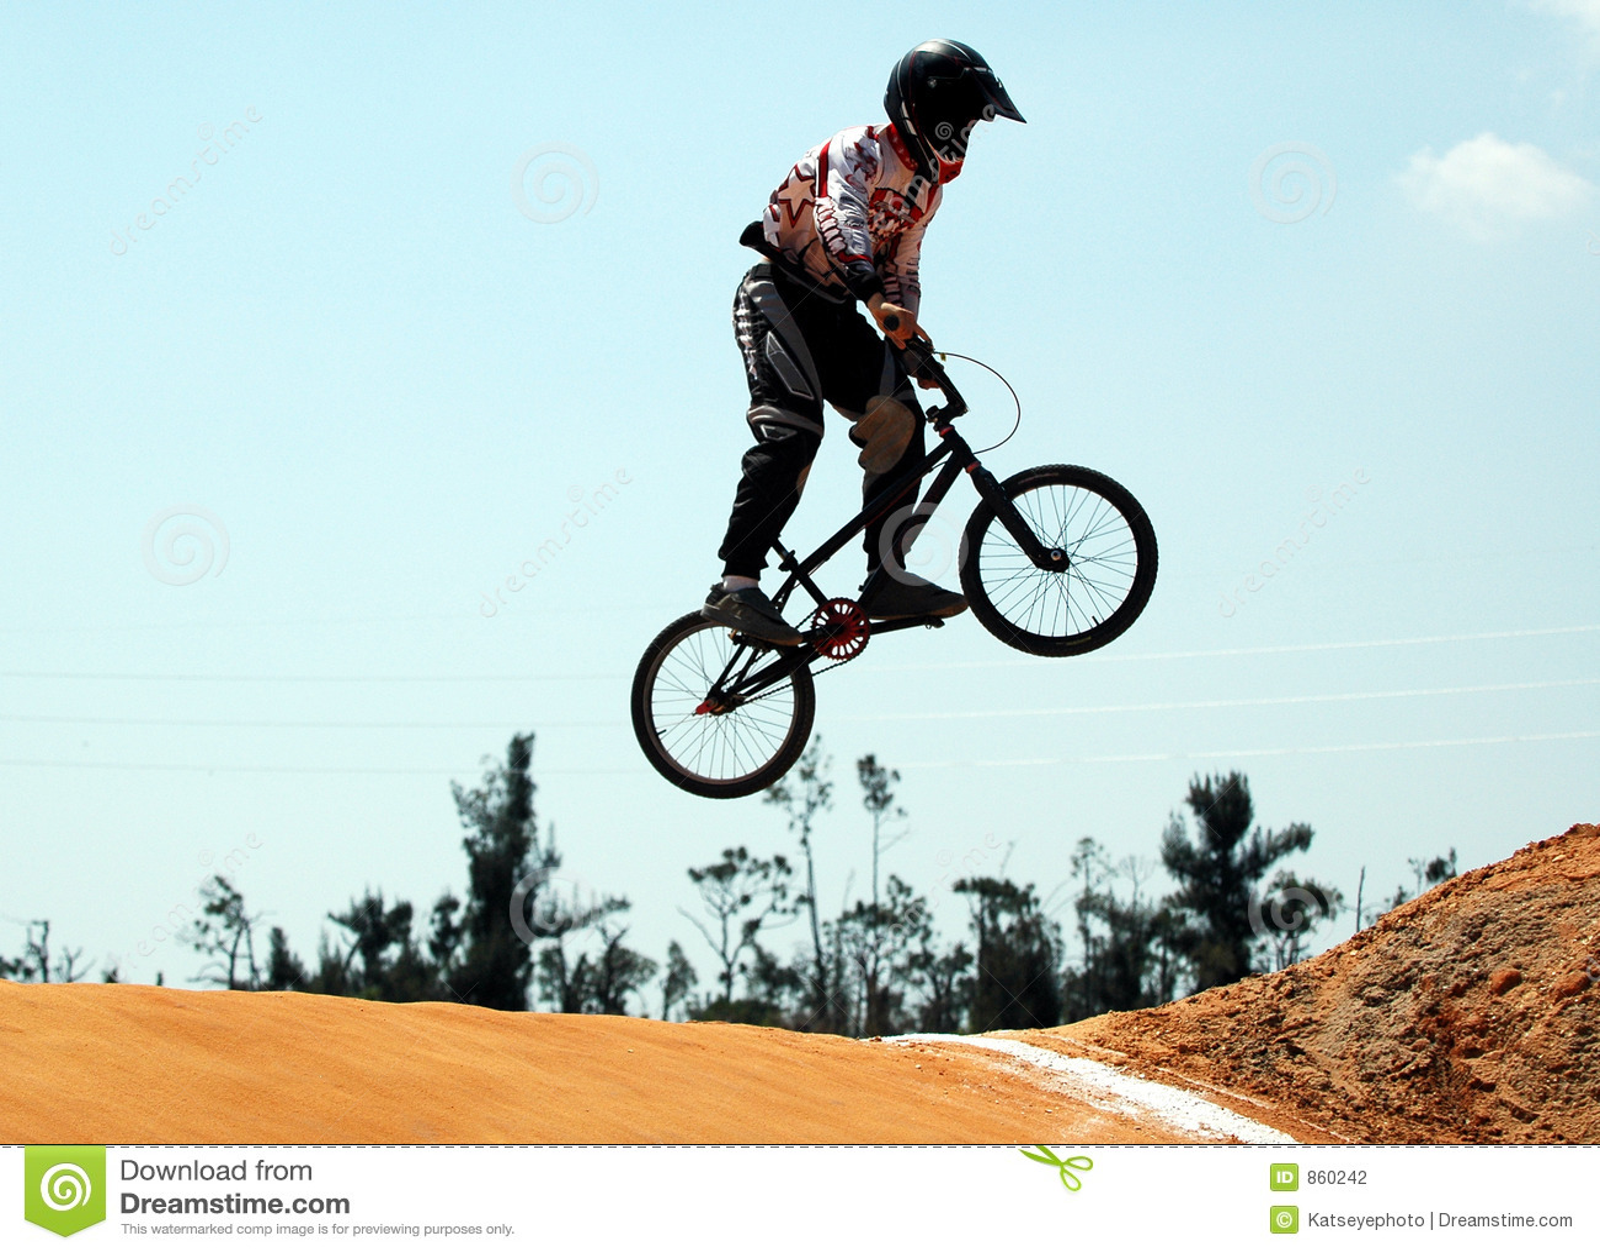 BMX Biker